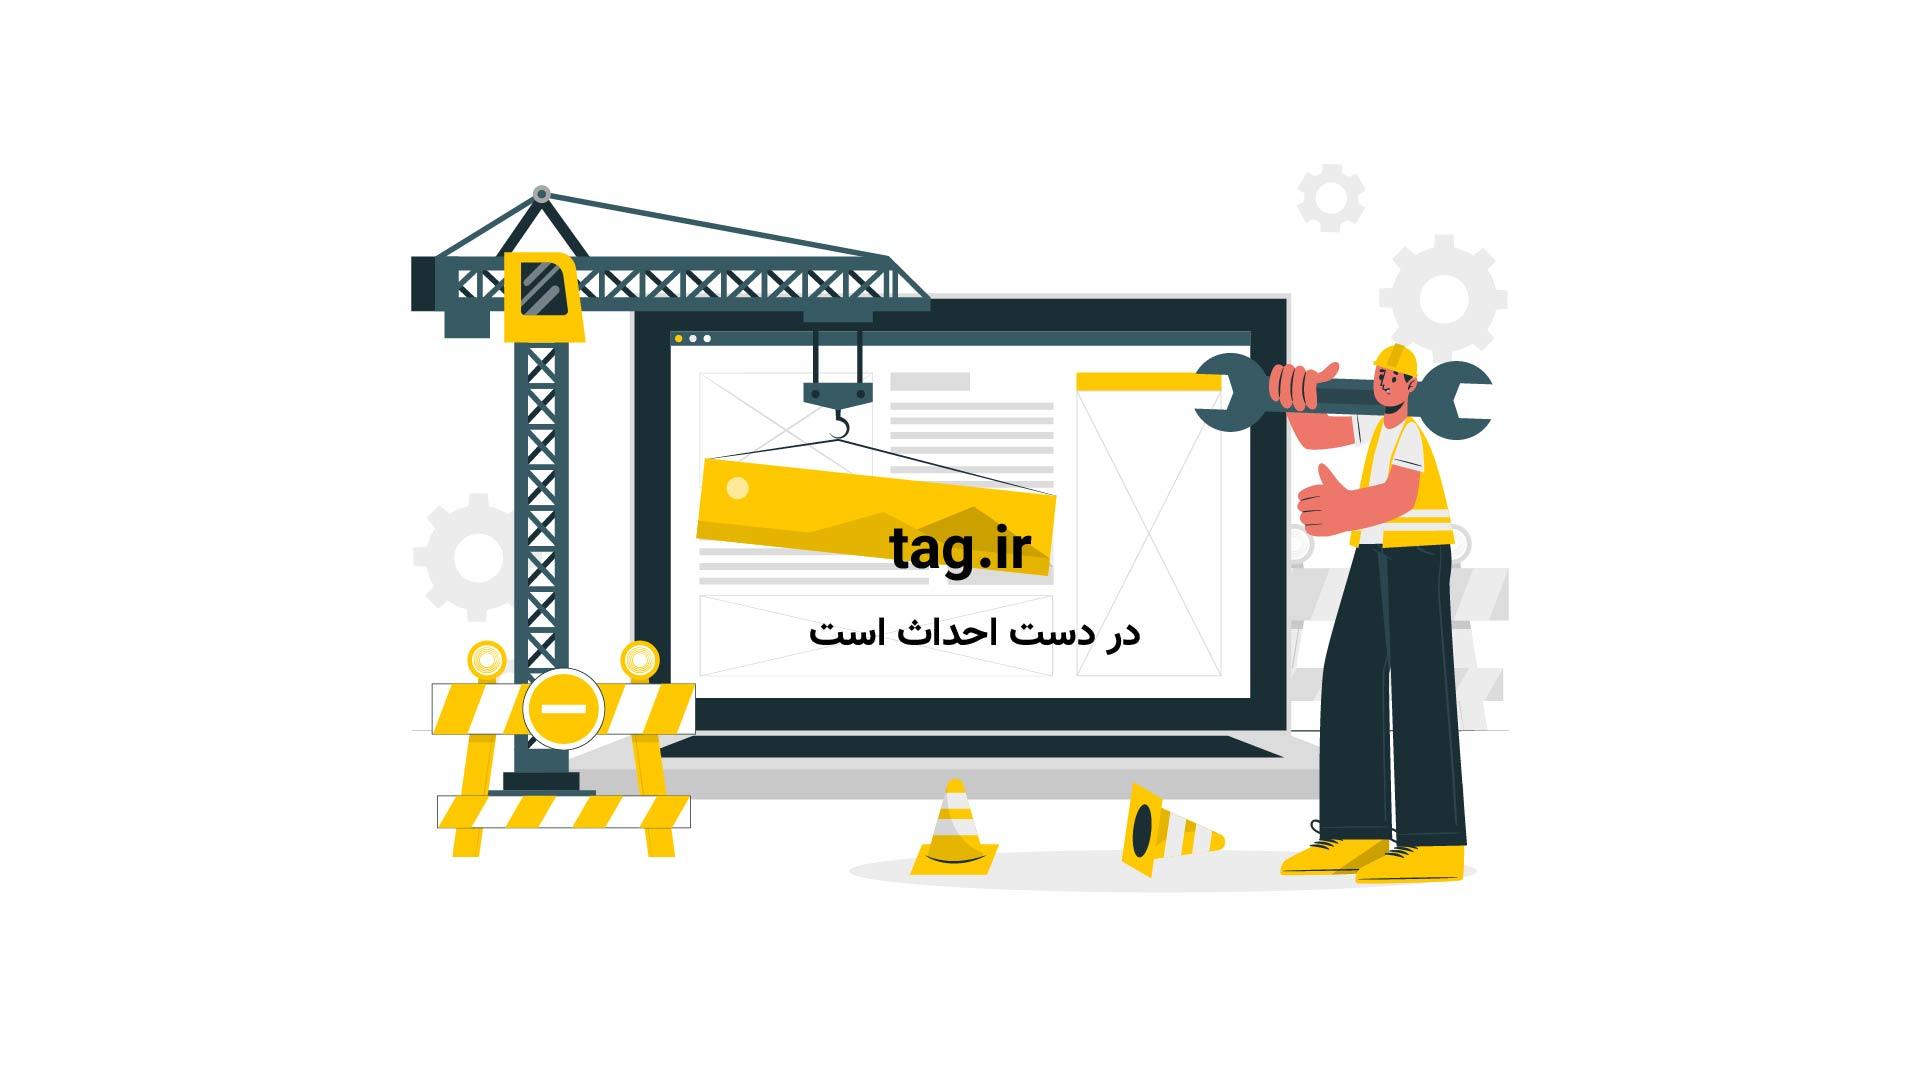 انیمیشن آموزشی   تگ